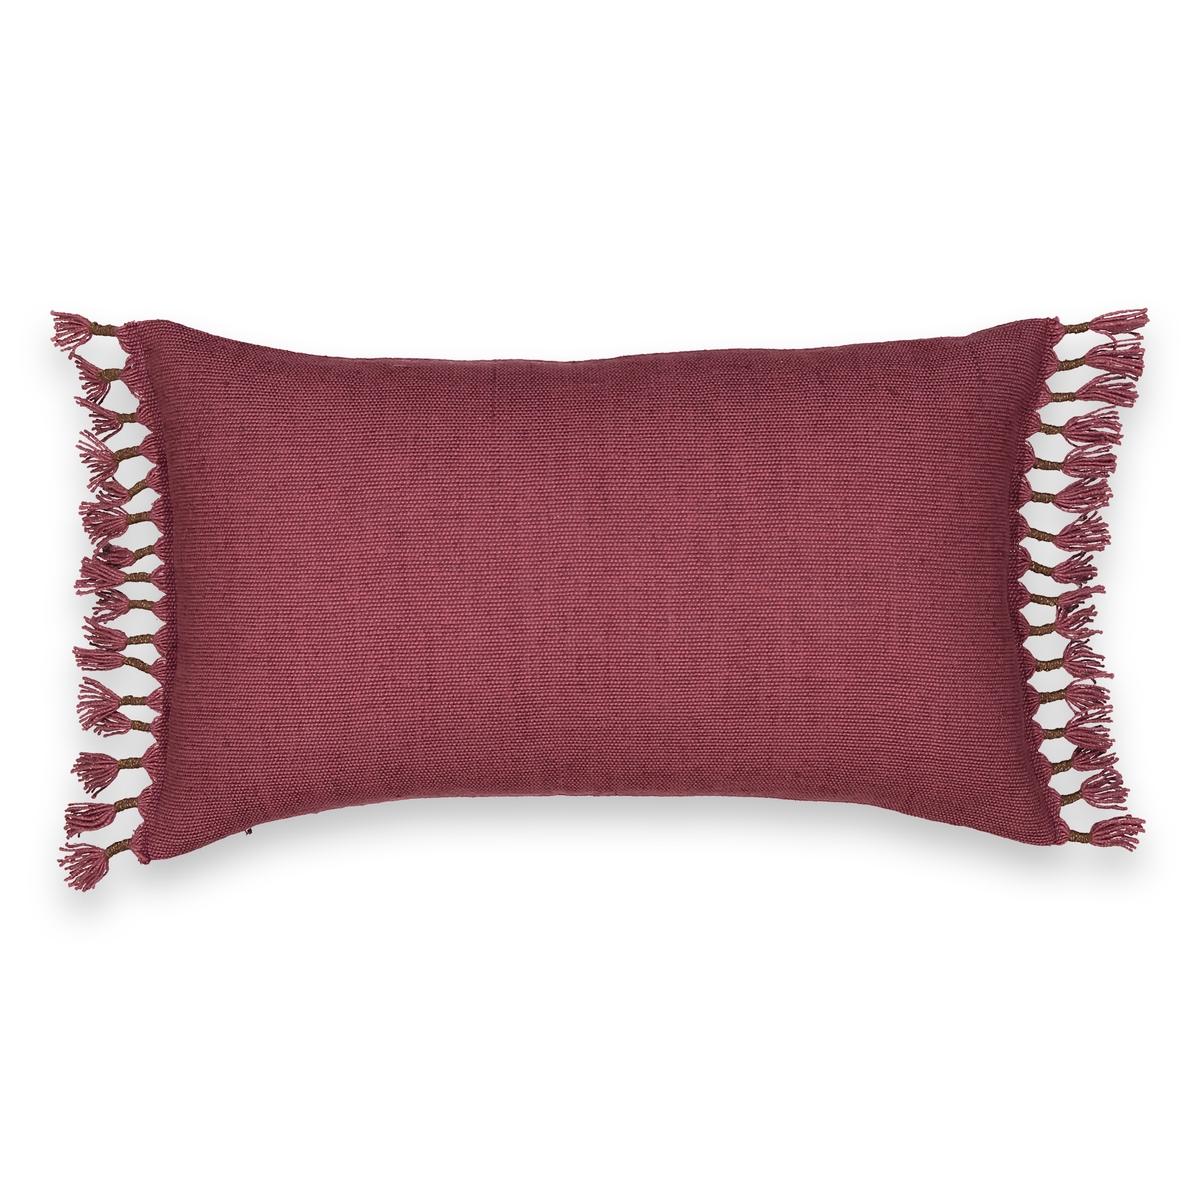 Чехол на подушку-валик из хлопка и льна, TimbolaОписание:Чехол на подушку-валик Timbola.  Плотная ткань из хлопка и льна, с 2 сторон изящные кисточки, связанные вручную. 50% льна, 50% хлопка. Стирать при 30°C. Размер : 50 x 30 см.  Подушка продается отдельно.<br><br>Цвет: бордовый